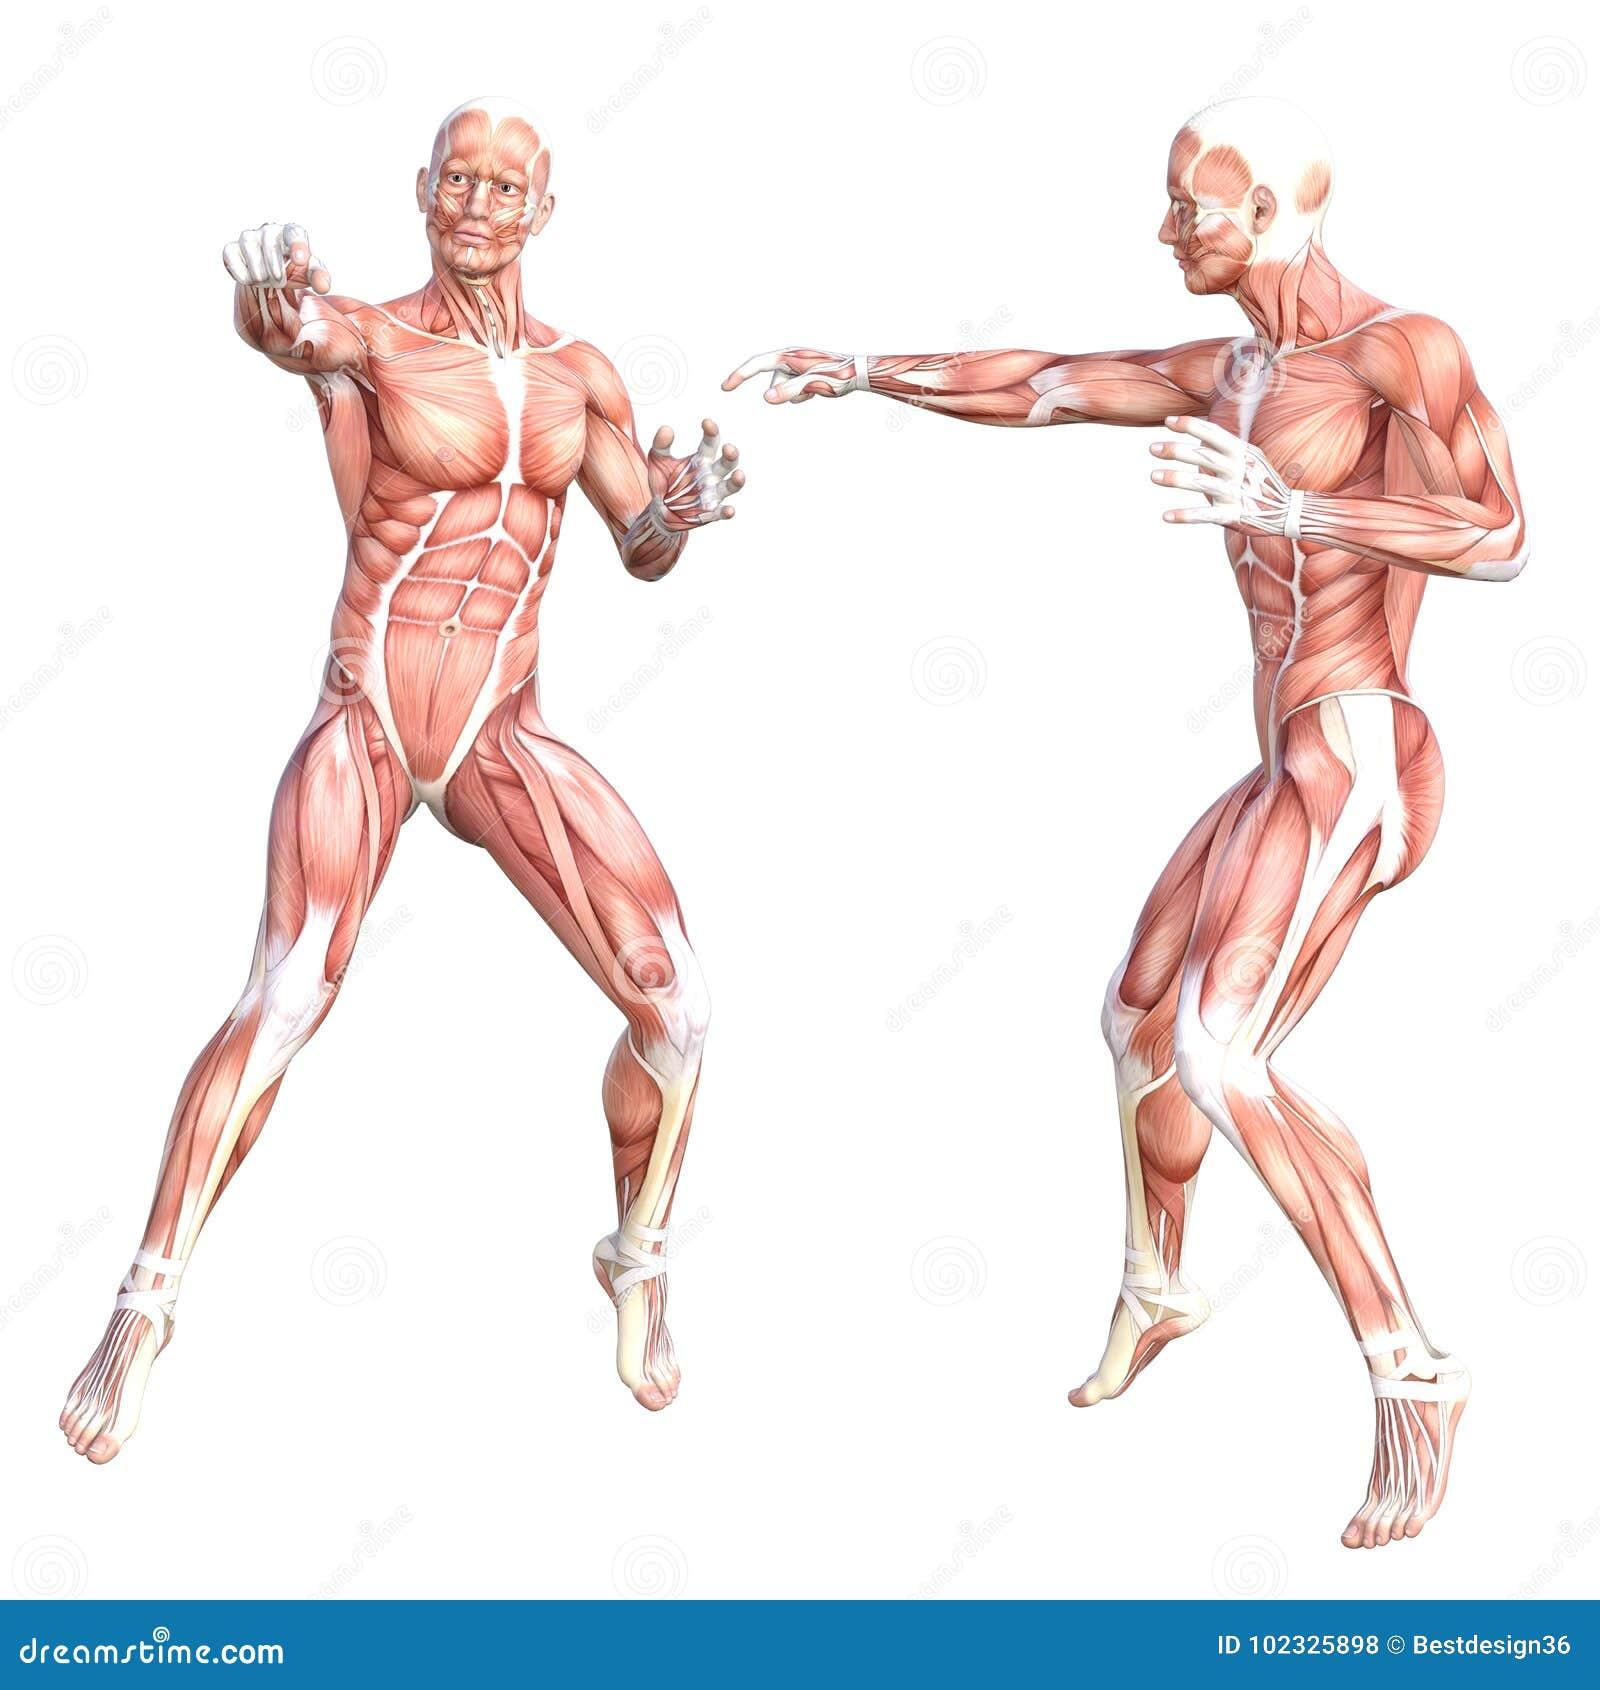 Magnífico Anatomía Del Cuerpo Humano Vídeos De Descarga Gratuita ...